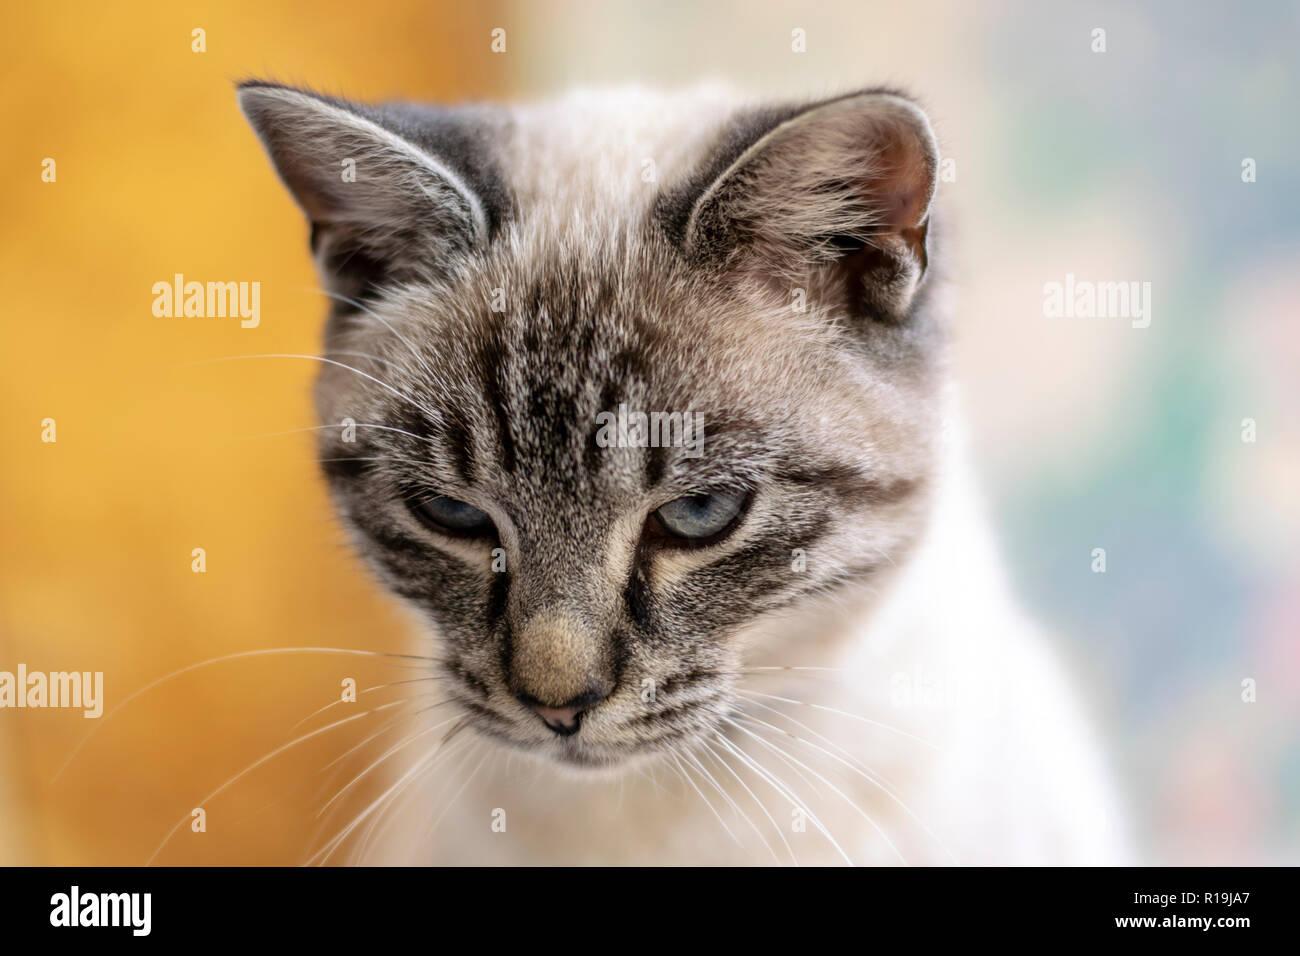 Junge, süße Katze Nahaufnahme Porträt Foto mit bokeh Hintergrund. Stockbild